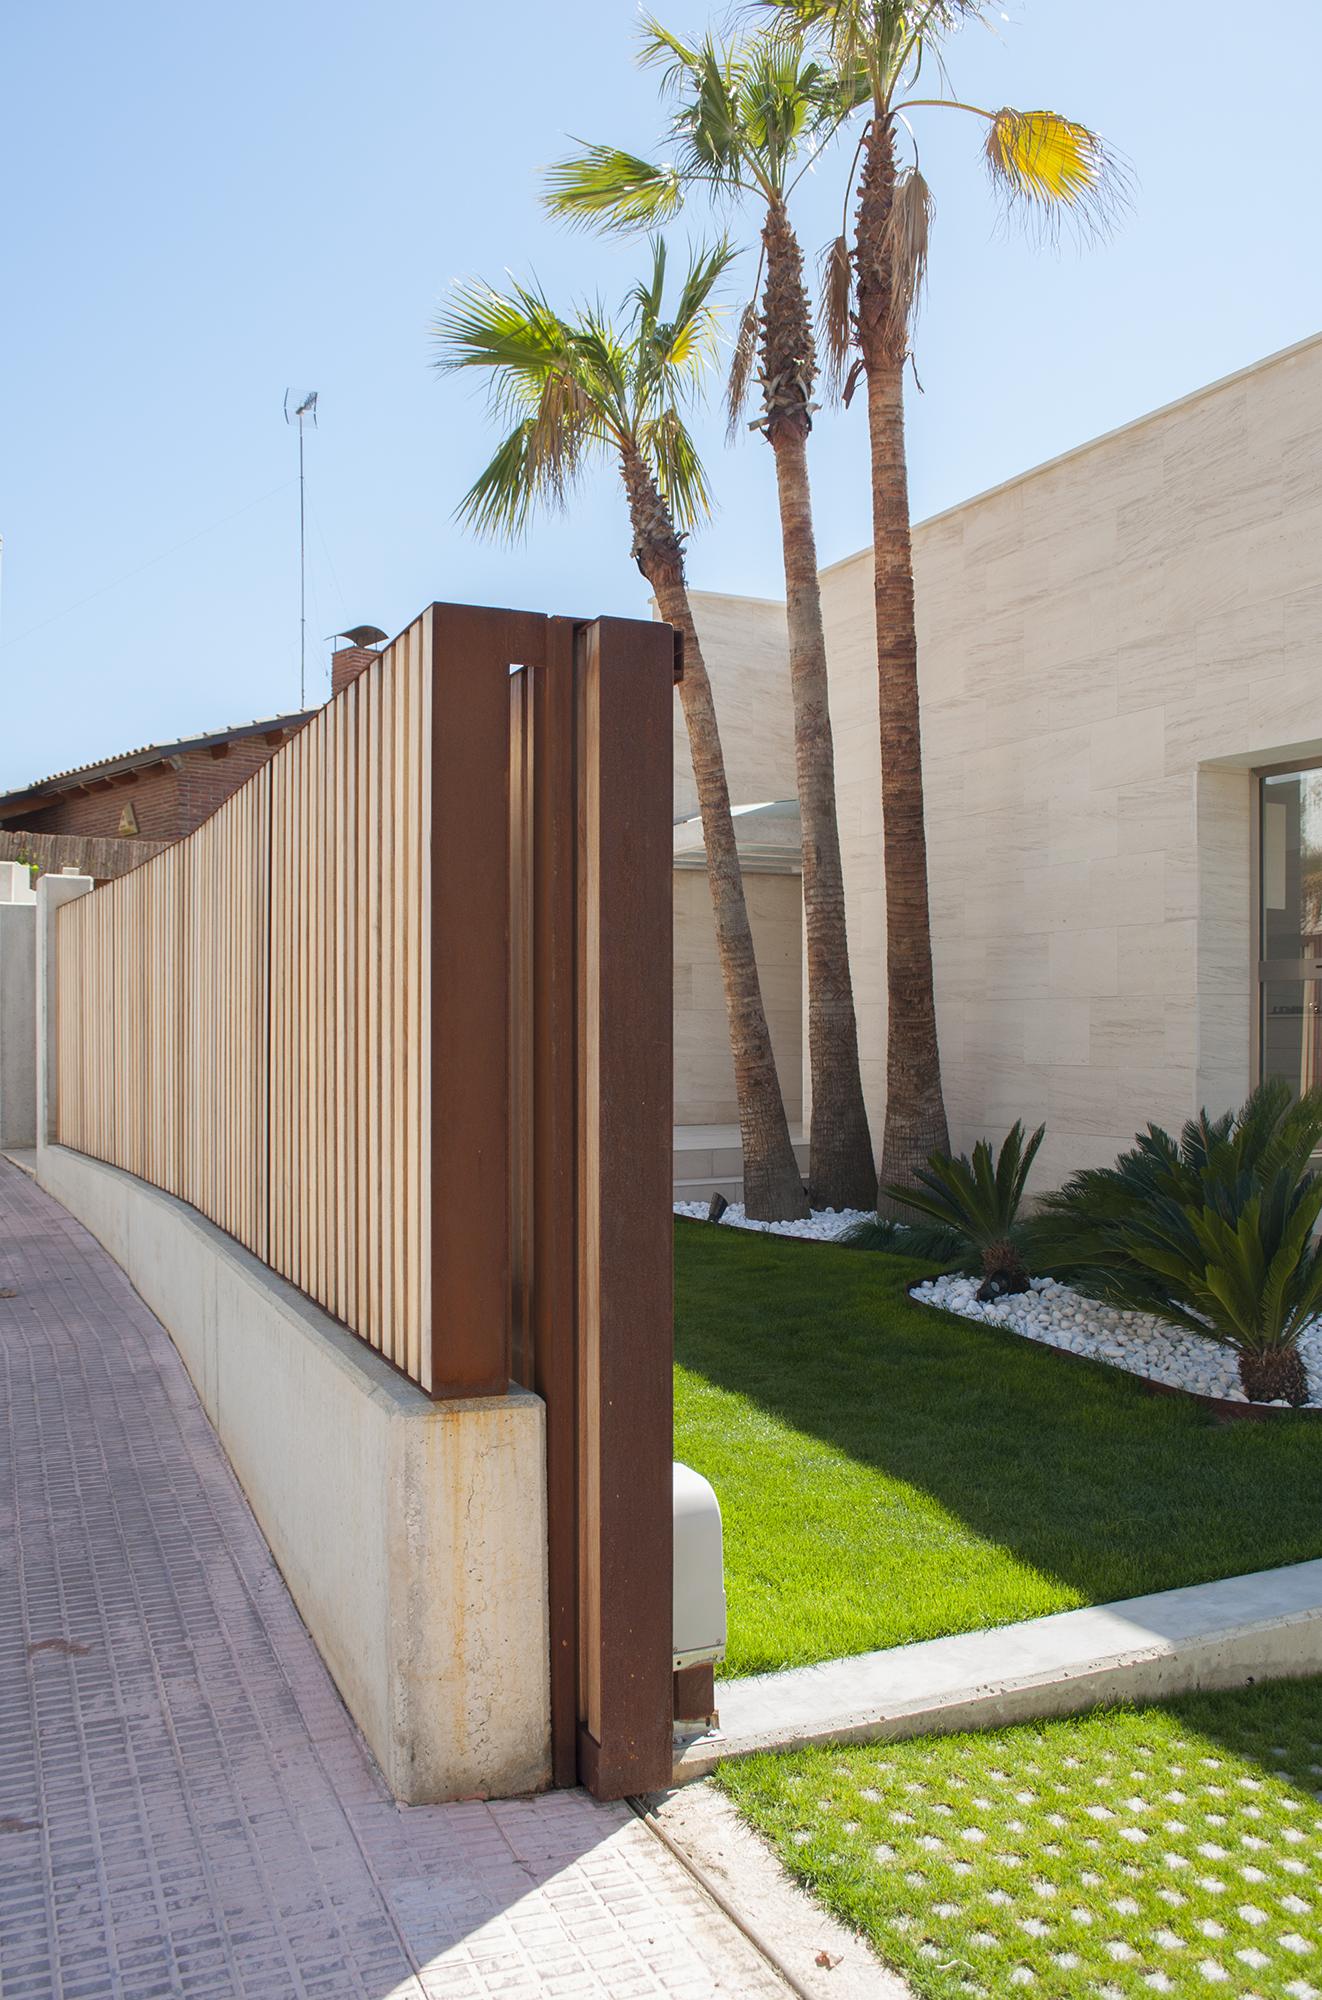 5-rardo-architects-casas-en-sitges-fachada-entrada-valla-de-madera